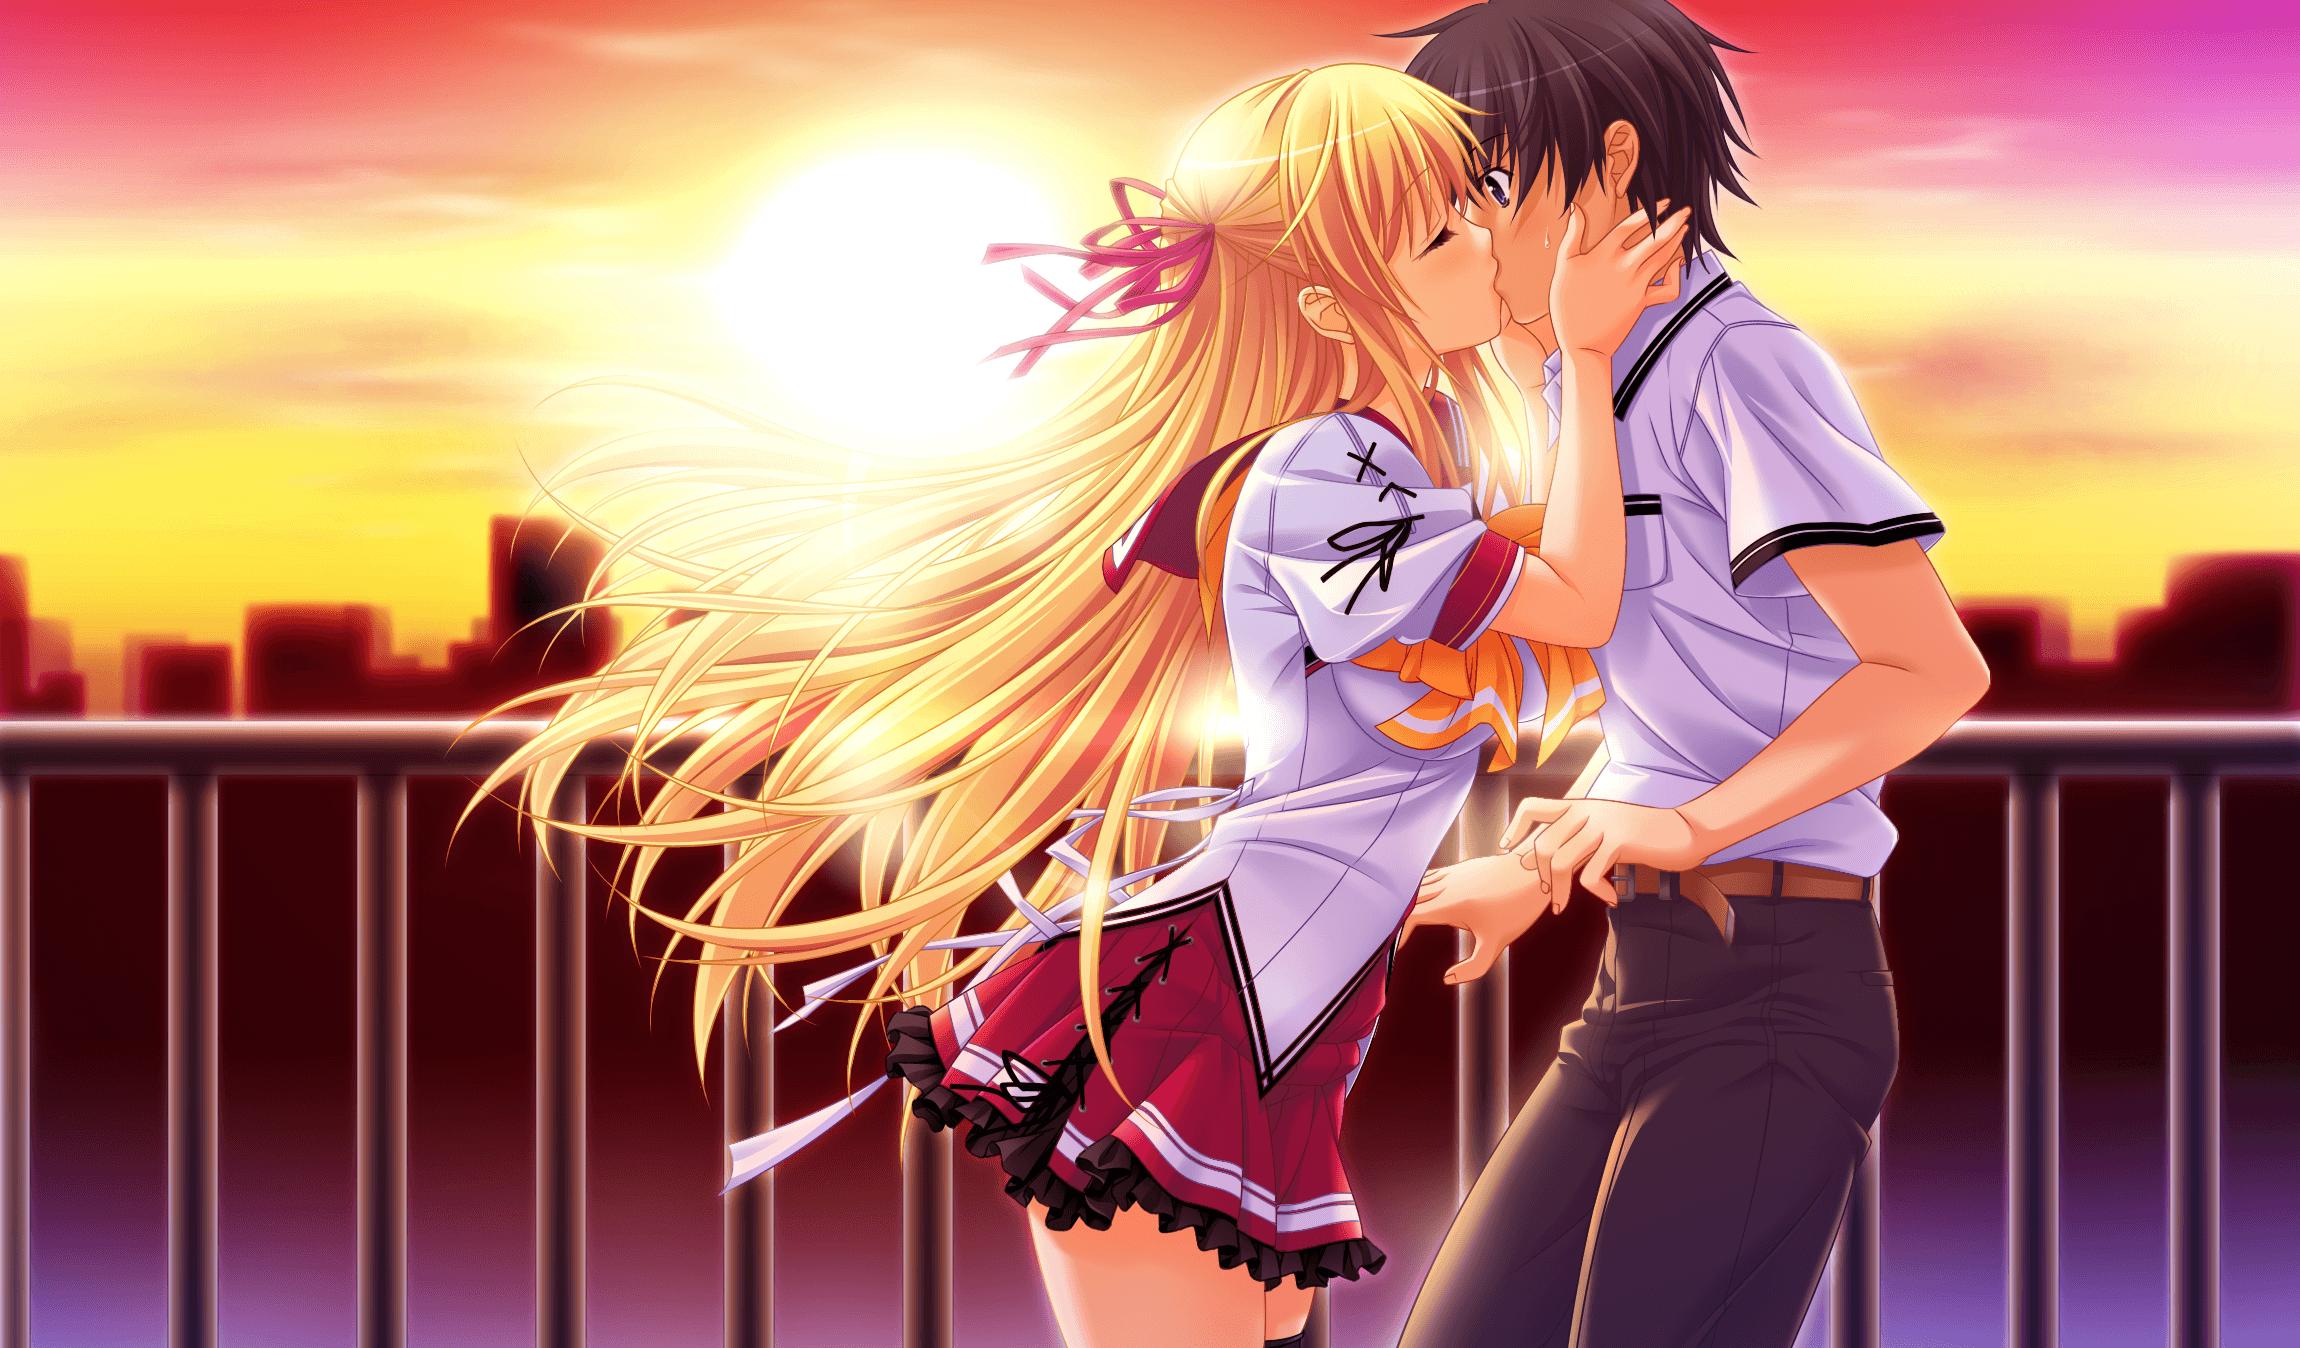 аниме про любовь с красивыми парнями и школу и магию